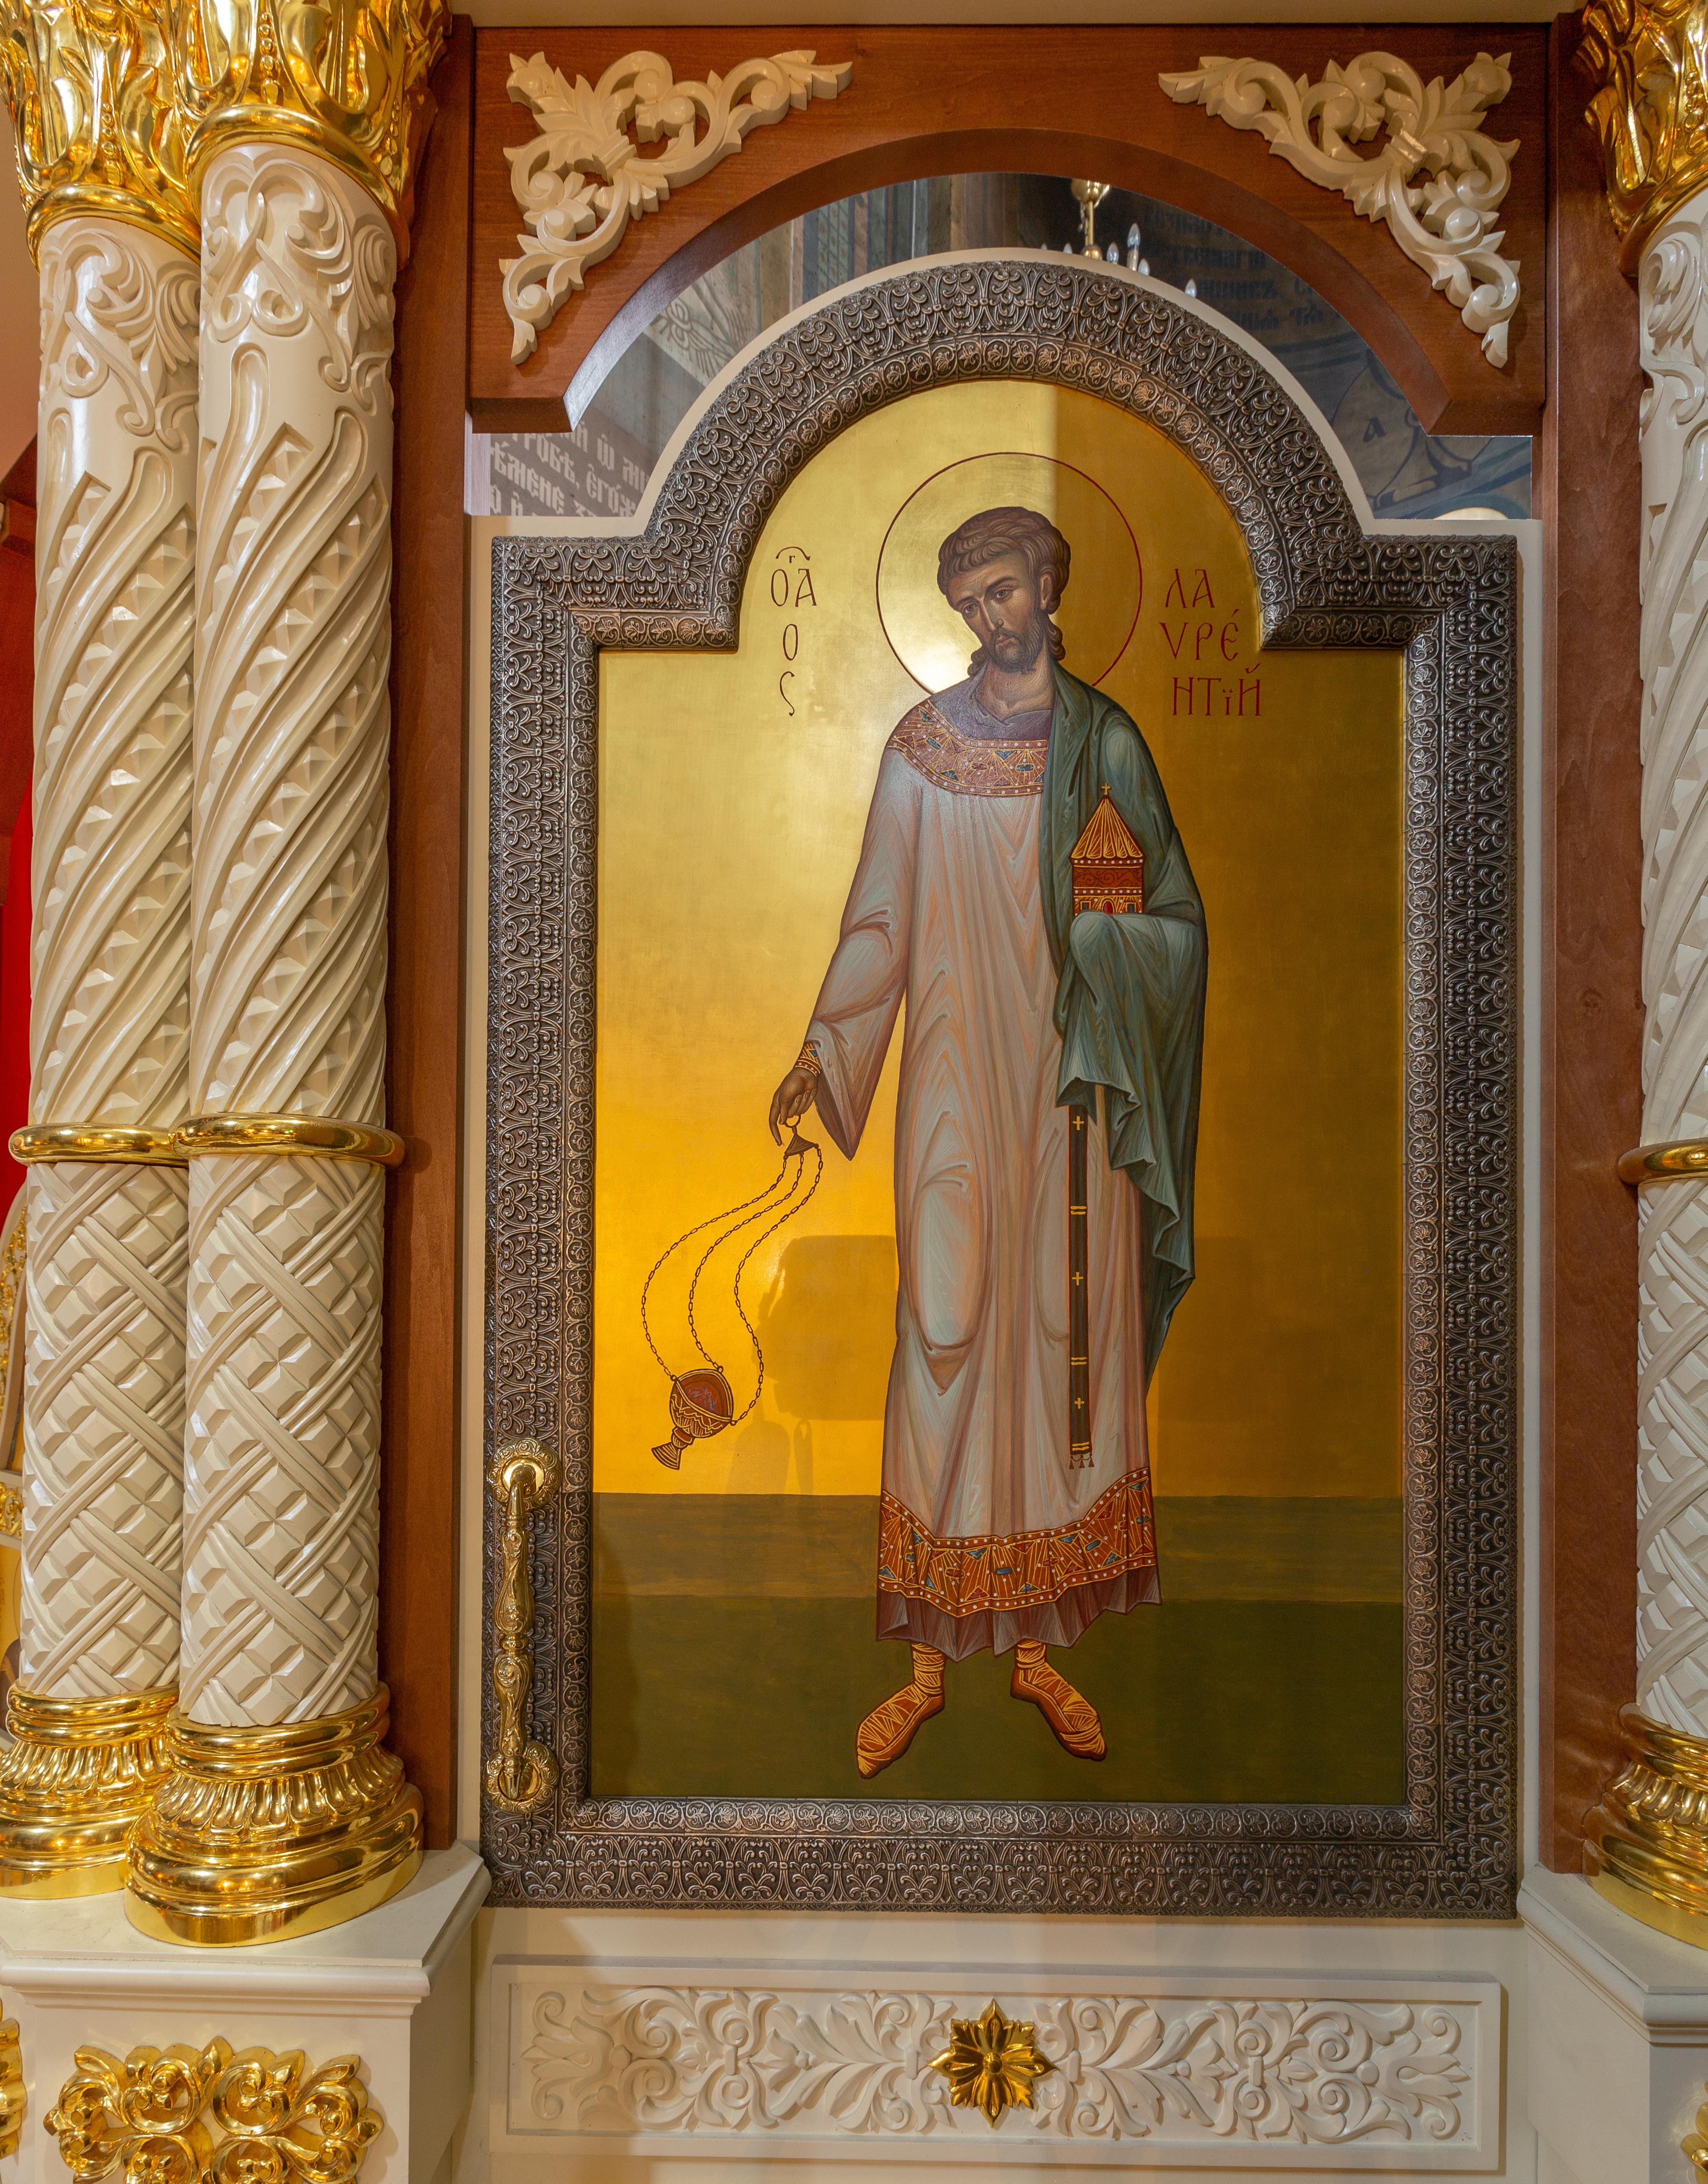 Иконостас храма во имя иконы Божией Матери «Утоли мои печали» в Марьино 2018г.